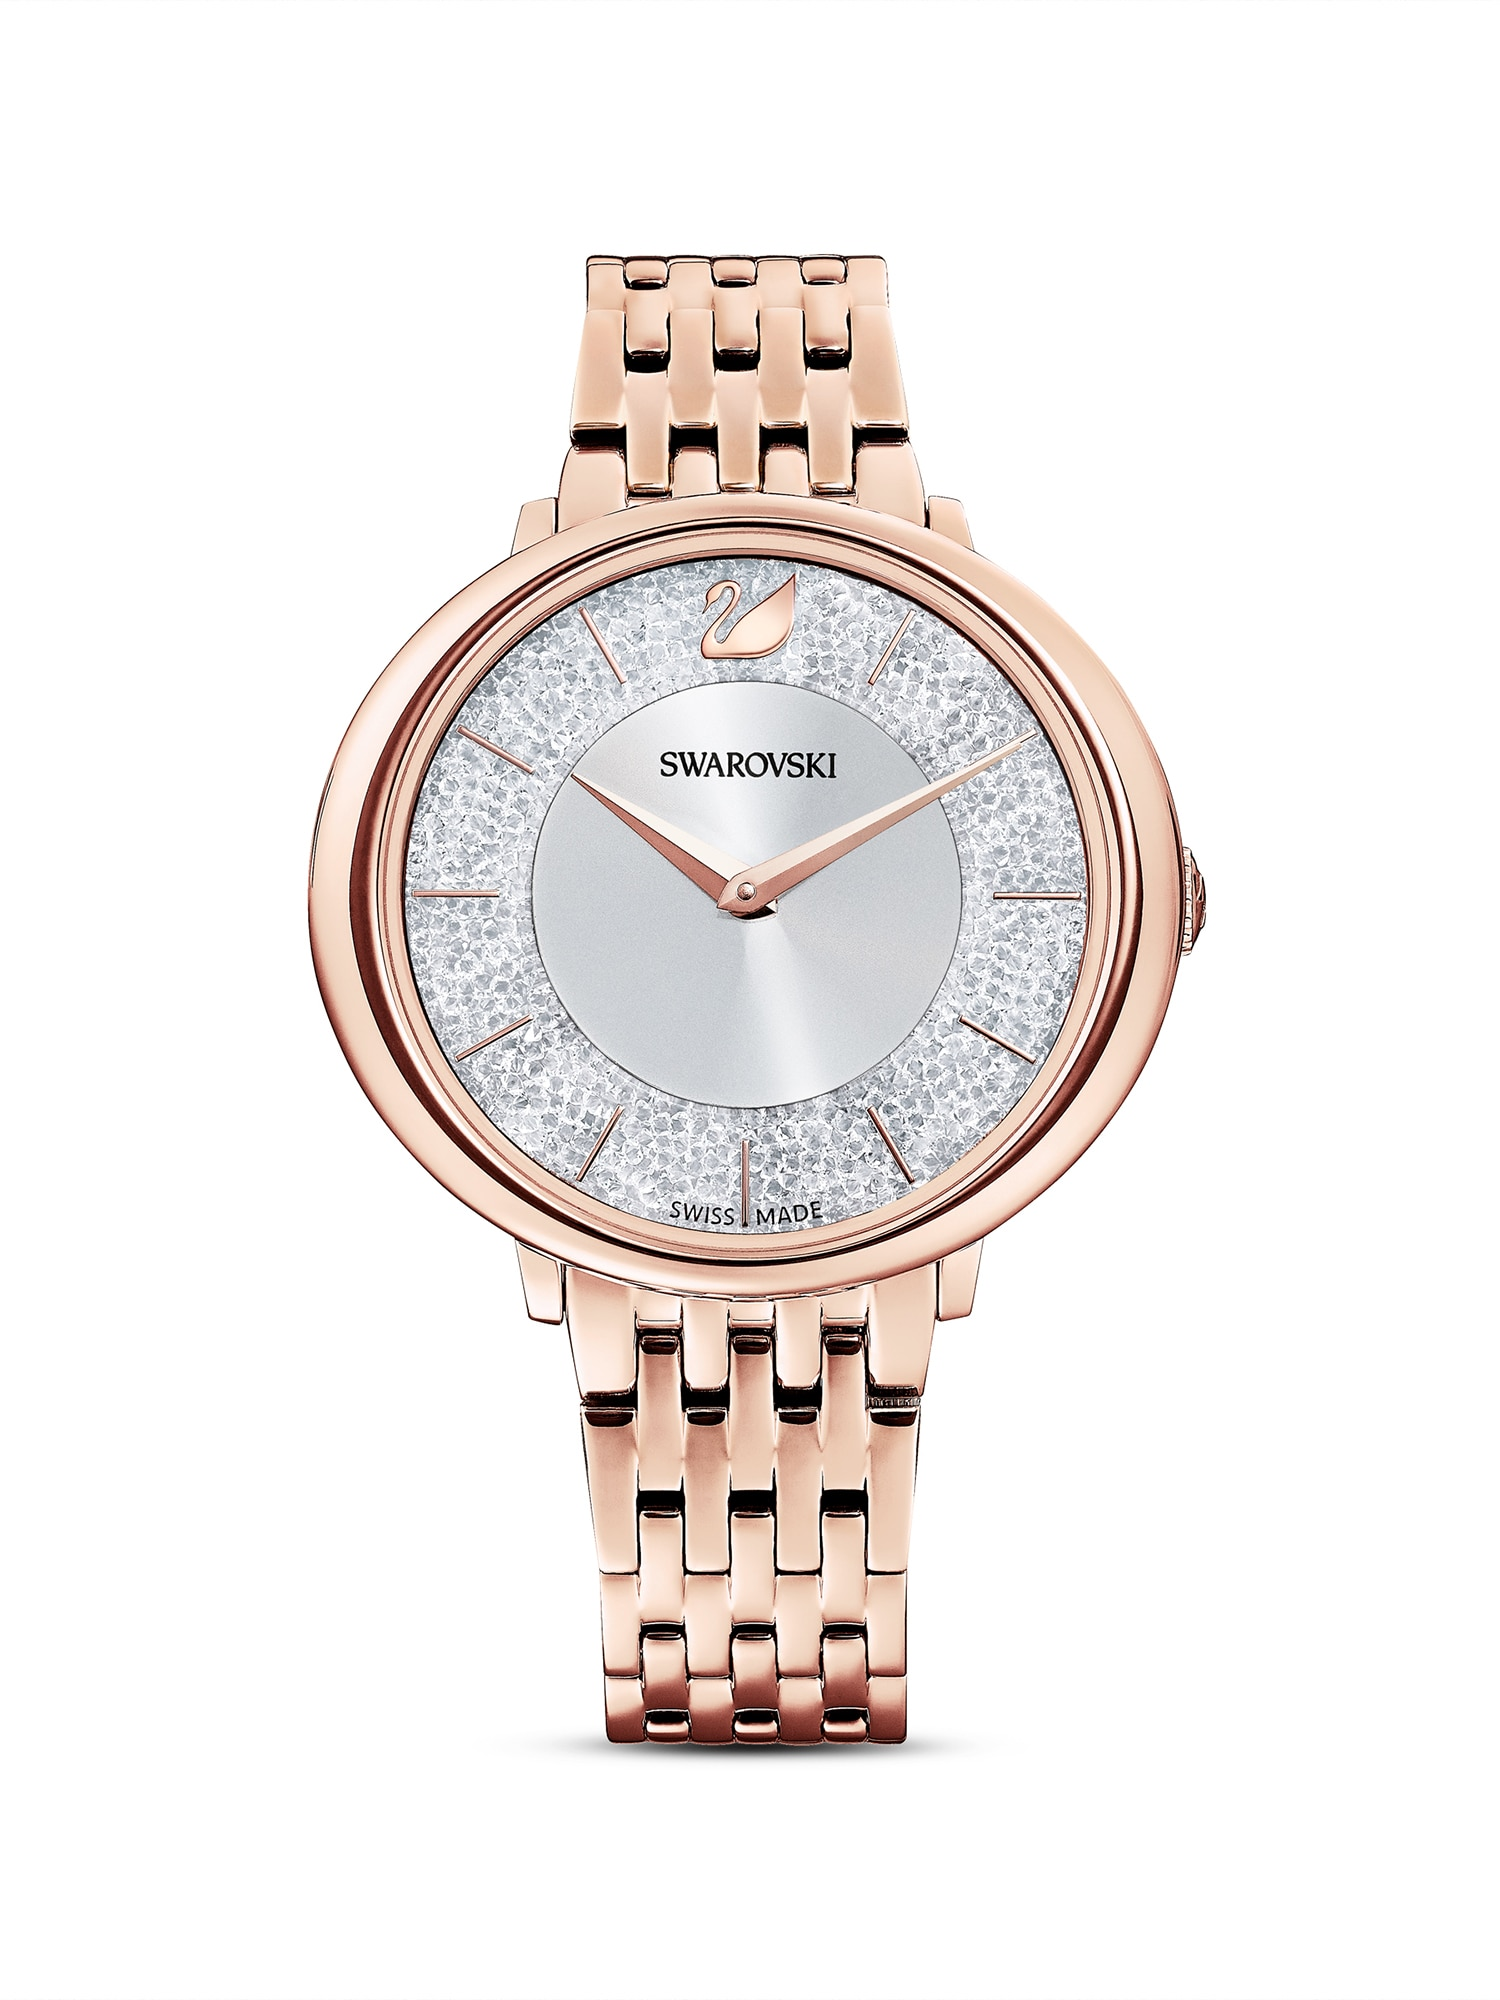 Swarovski Analoginis (įprasto dizaino) laikrodis sidabrinė / rožinio aukso spalva